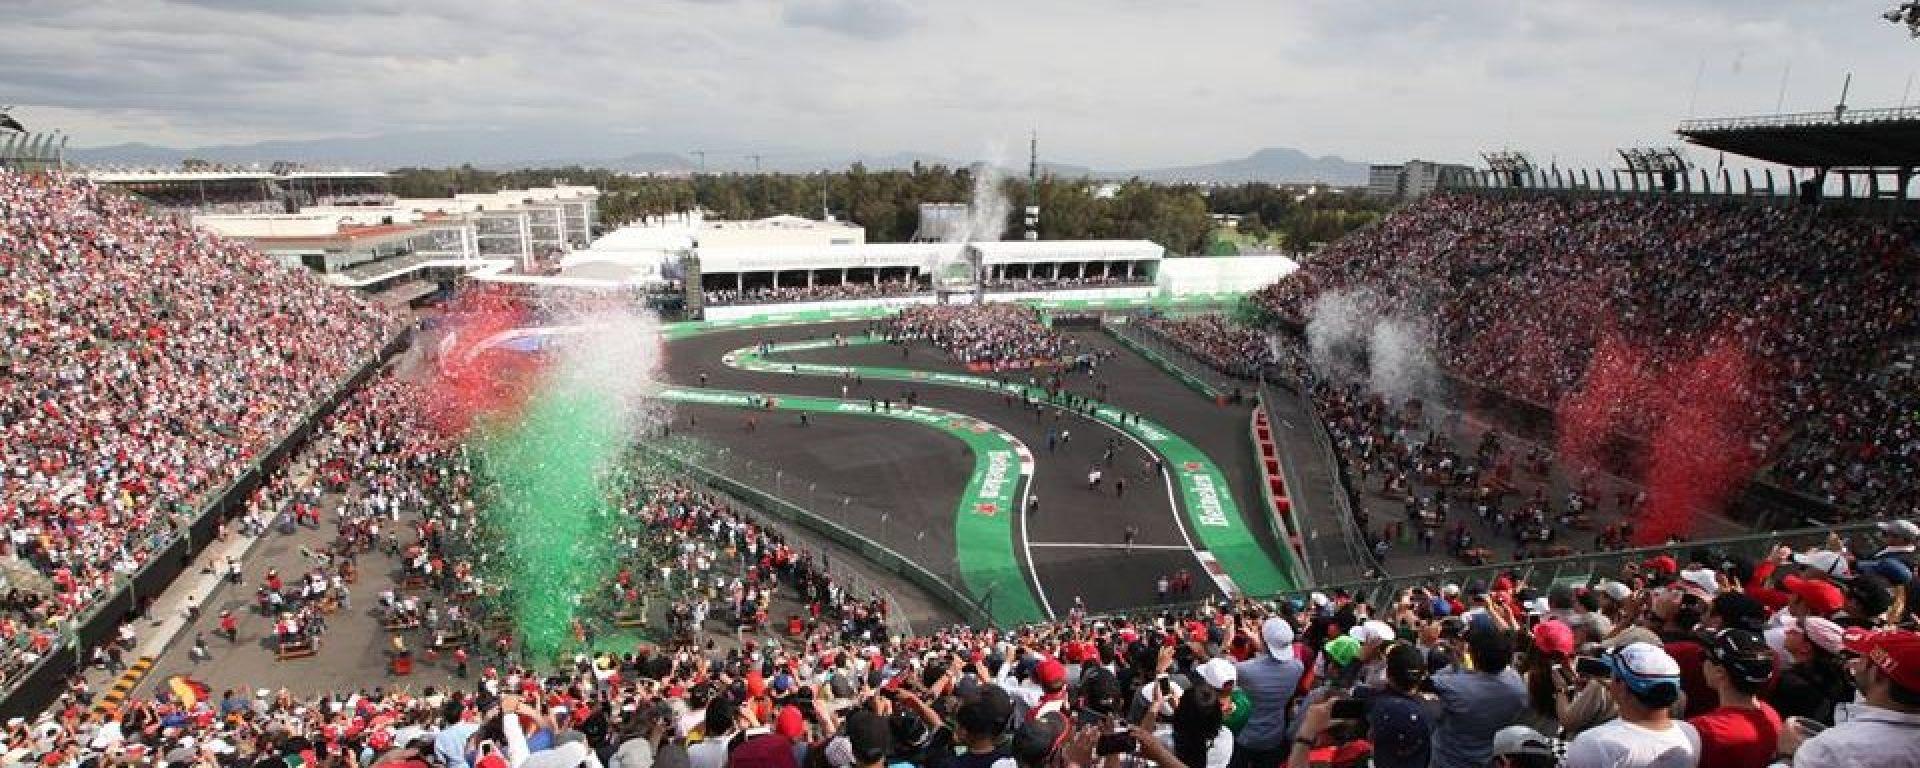 F1 GP Messico 2018, tutte le info: orari, risultati prove, qualifica, gara